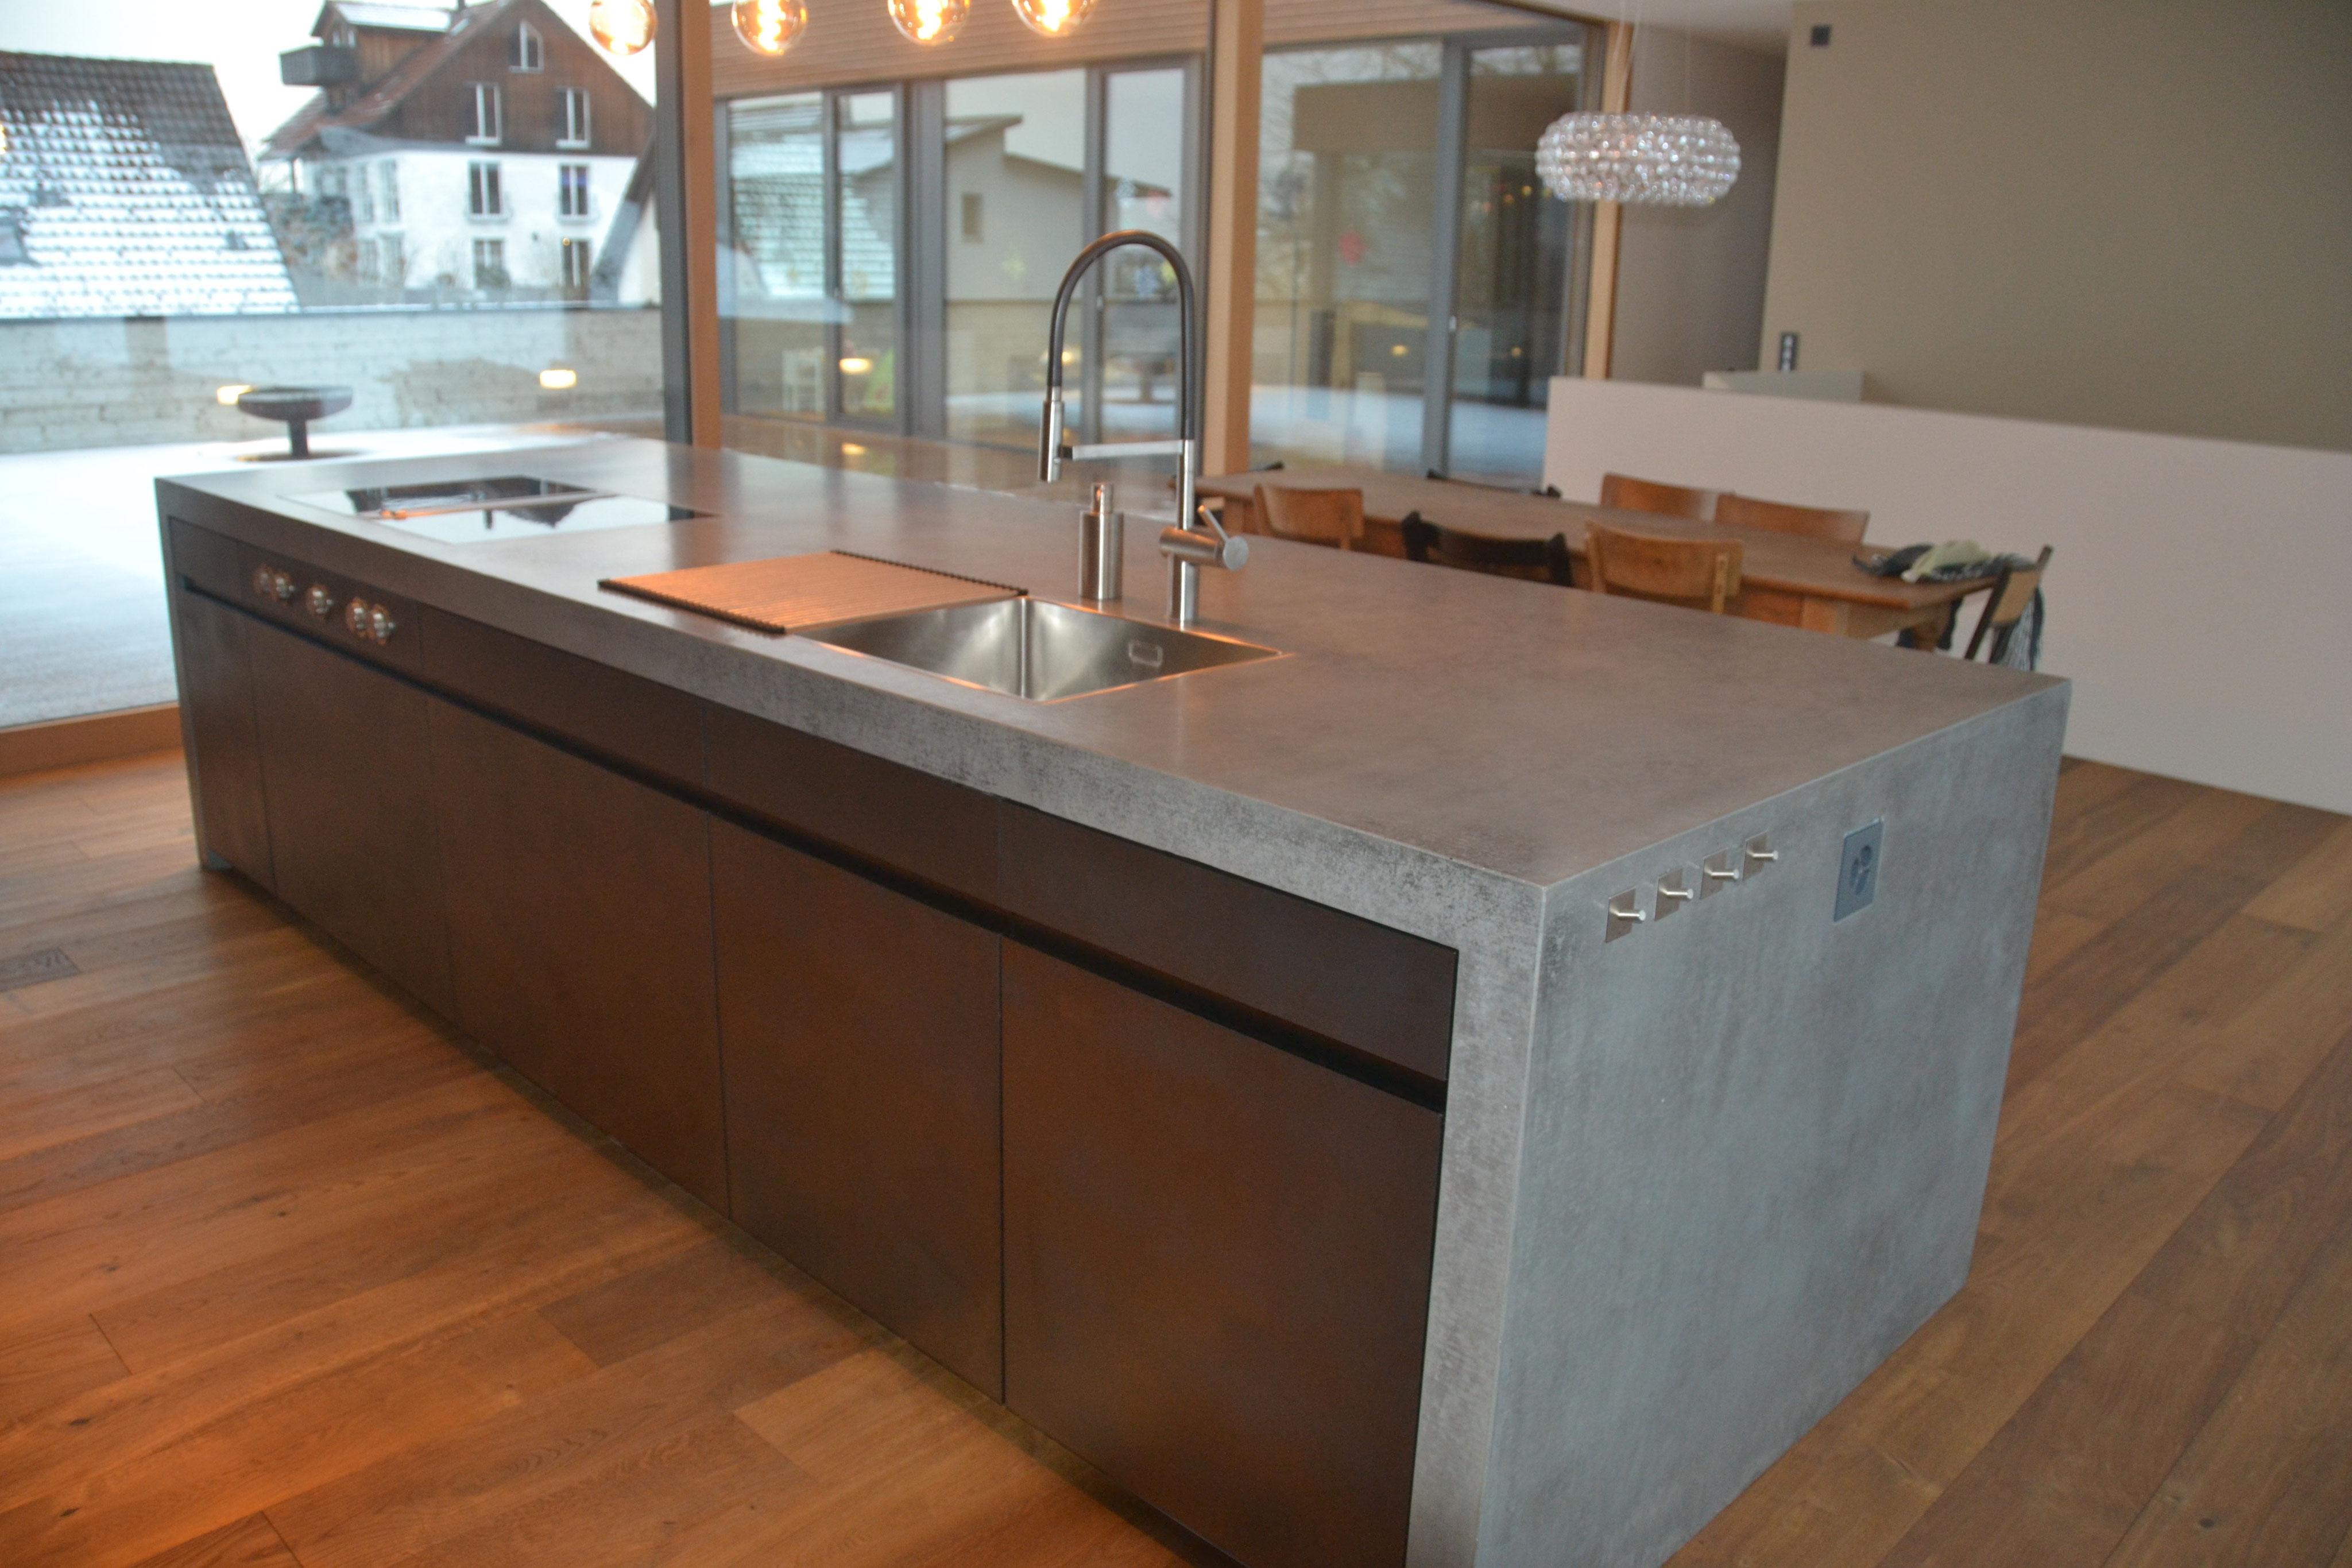 Arbeitsplatte Für Outdoor Küche : Welche arbeitsplatte für outdoor küche arbeitsplatte weiße küche